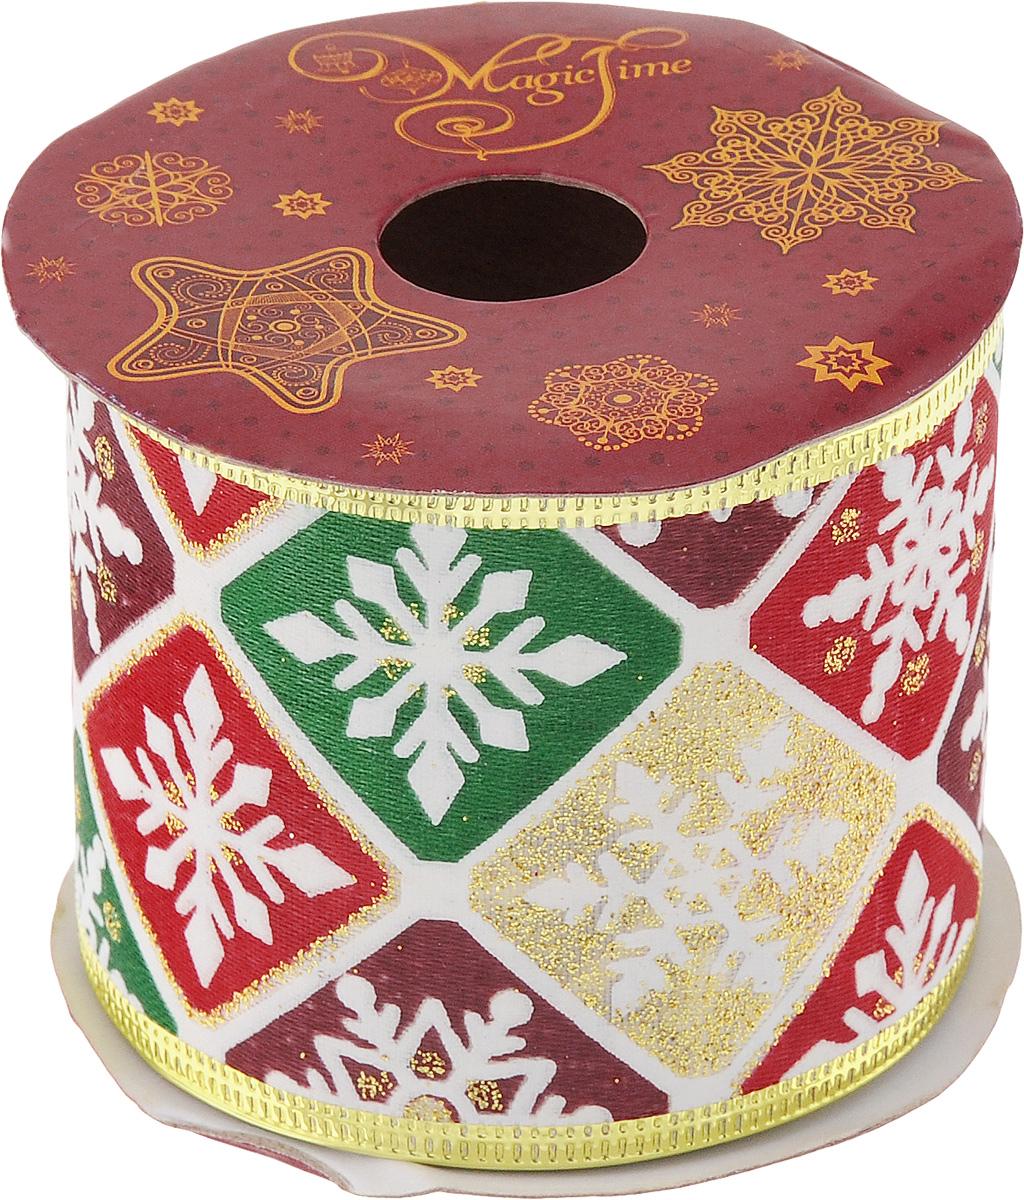 Лента новогодняя Magic Time Новогоднее настроение, 6,3 см х 2,7 м42823Декоративная лента Magic Time Новогоднее настроение выполнена из полиэстера. В края ленты вставлена проволока, благодаря чему ее легко фиксировать. Она предназначена для оформления подарочных коробок, пакетов. Кроме того, декоративная лента с успехом применяется для художественного оформления витрин, праздничного оформления помещений, изготовления искусственных цветов. Декоративная лента украсит интерьер вашего дома к праздникам.Ширина ленты: 6,3 см.